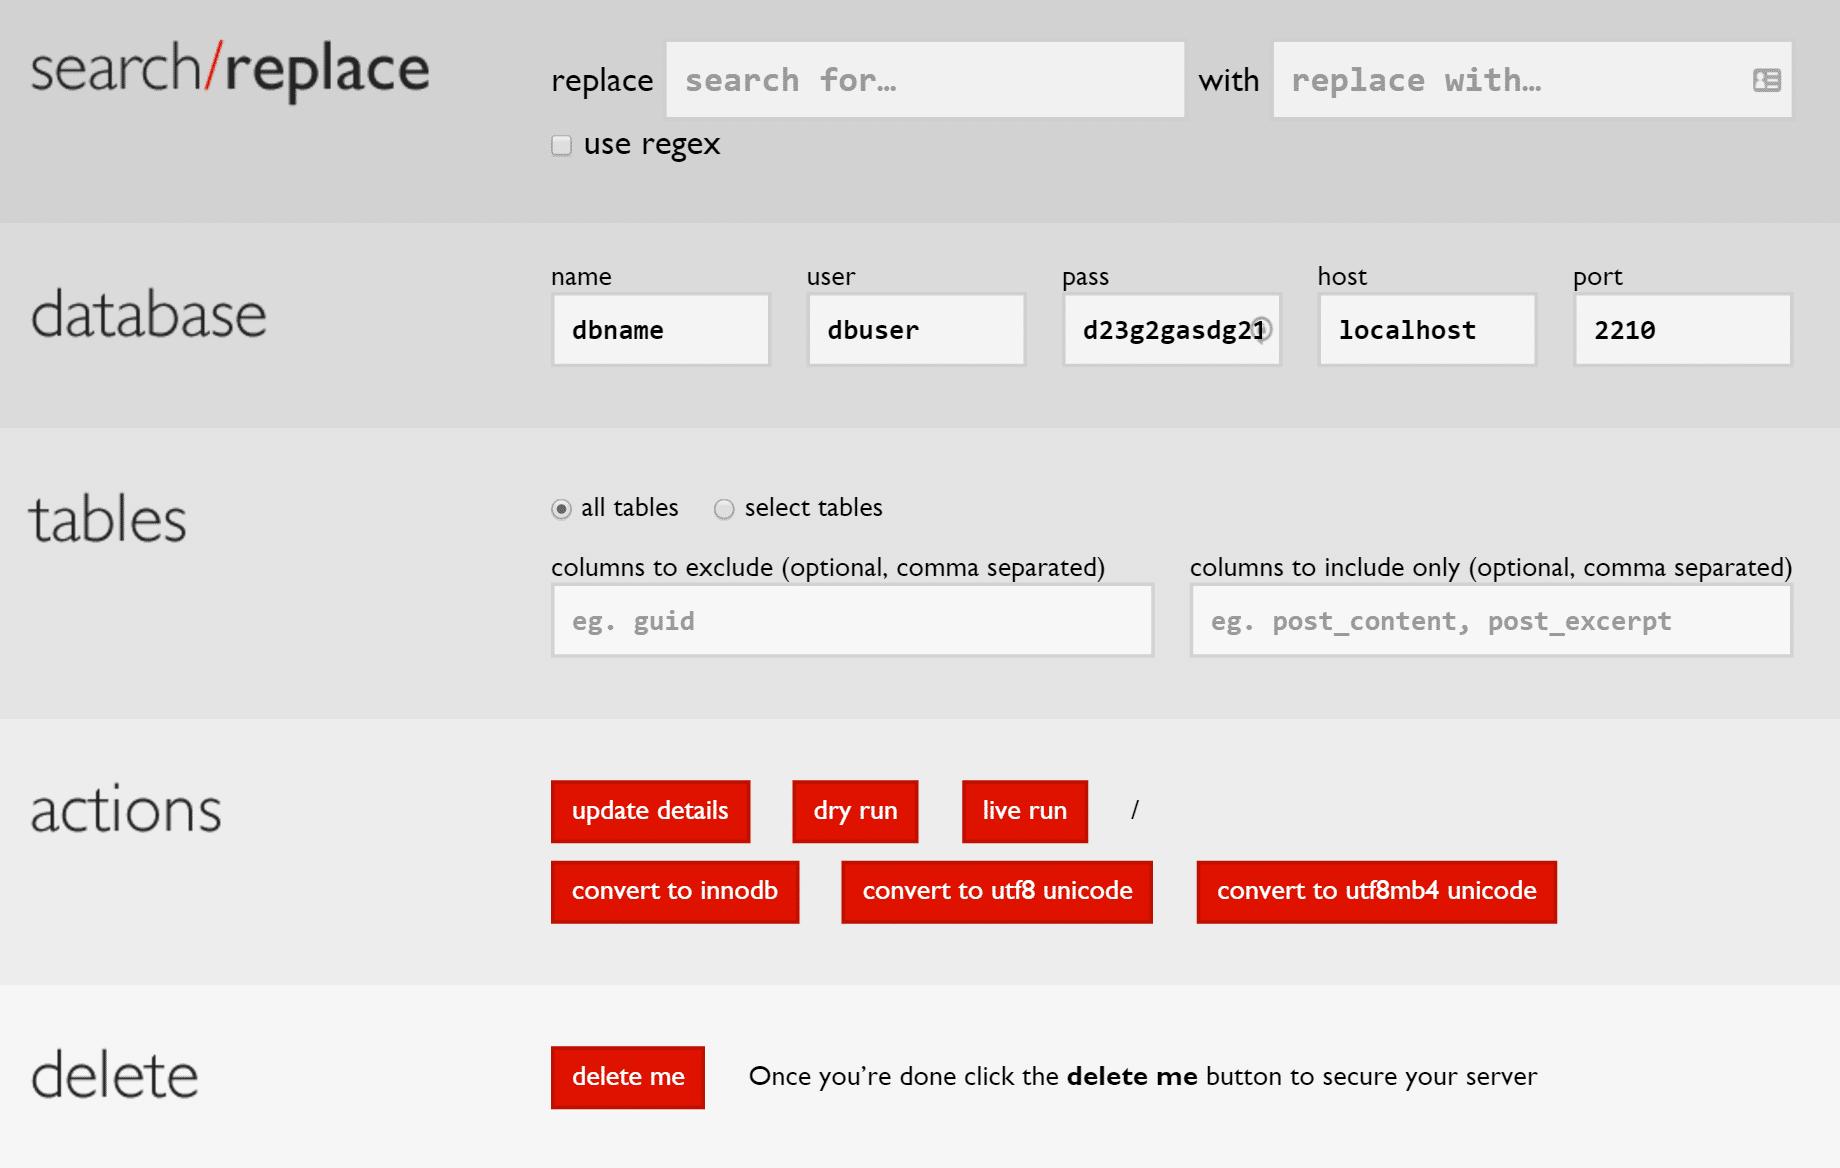 Opções de substituição de pesquisa